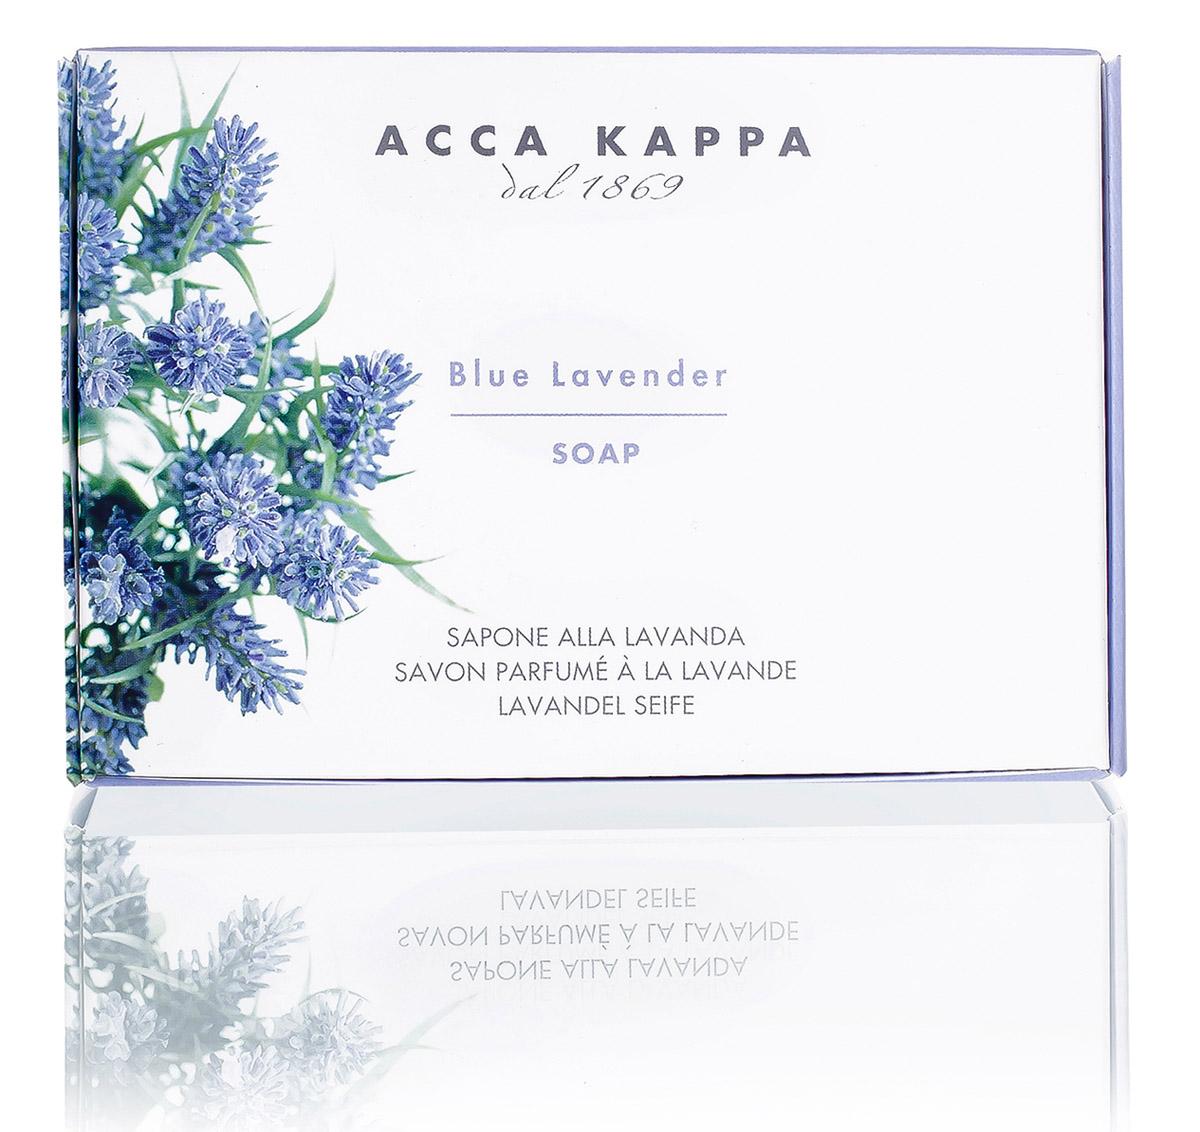 Acca Kappa Мыло туалетное Лаванда 150 гр853170Мыло создано с использованием традиционных методов из сырья исключительно растительного происхождения.